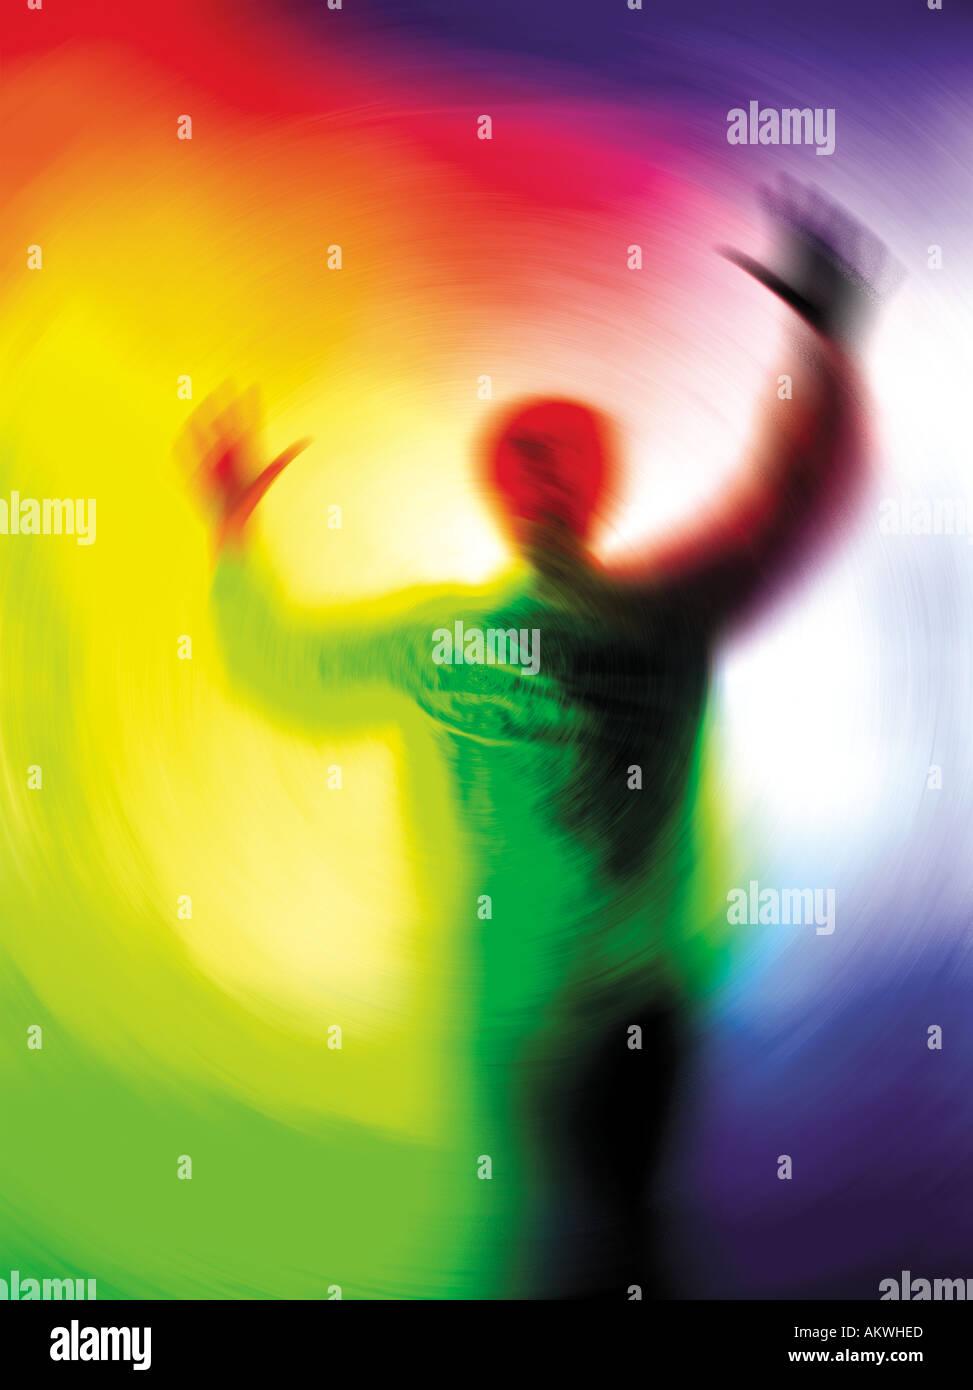 Persona en el tormento que revolotean alrededor colorida ilustración del concepto abstracto de fondo Imagen De Stock